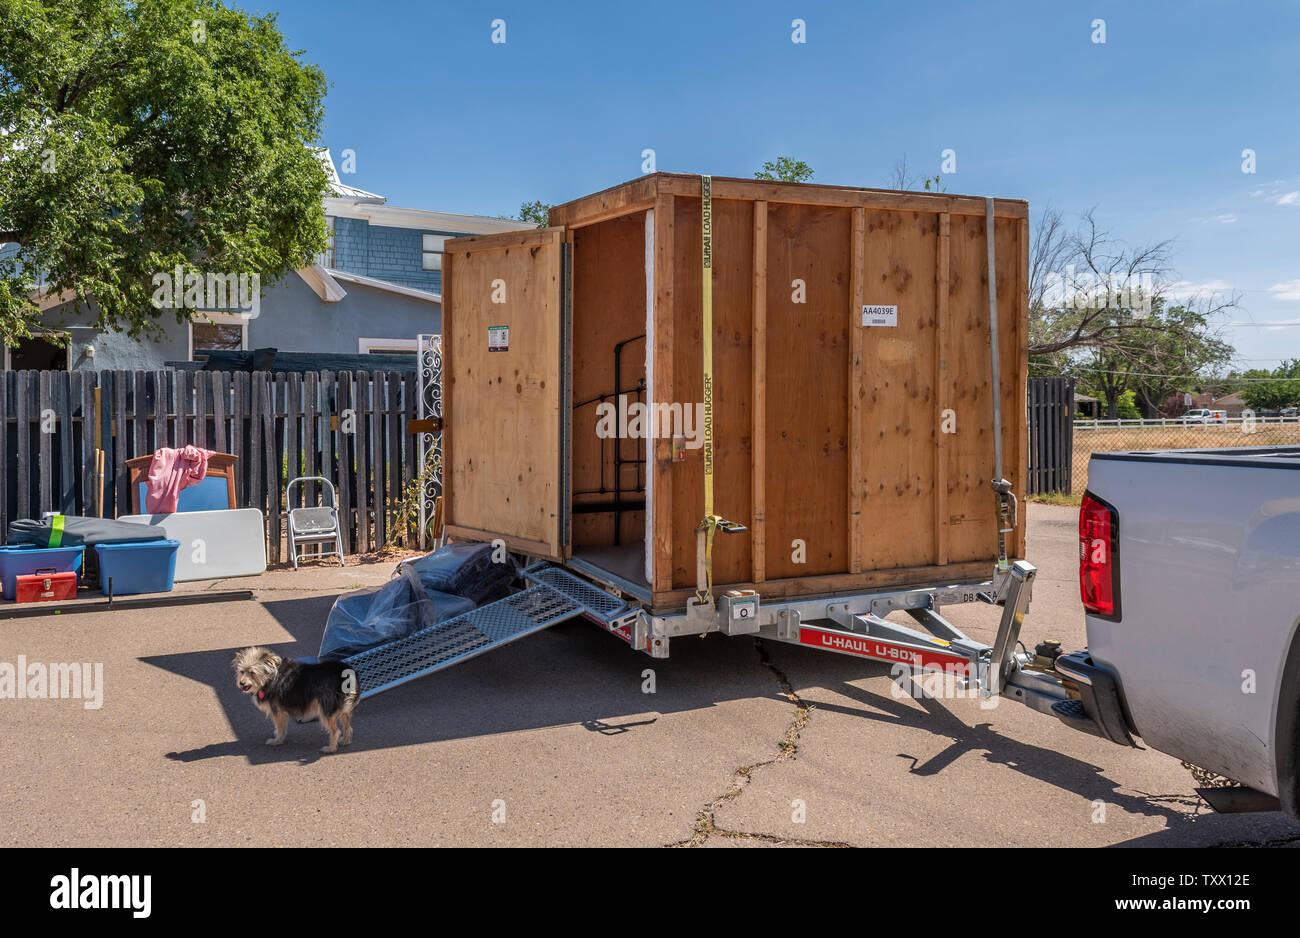 Uhaul pod shipping